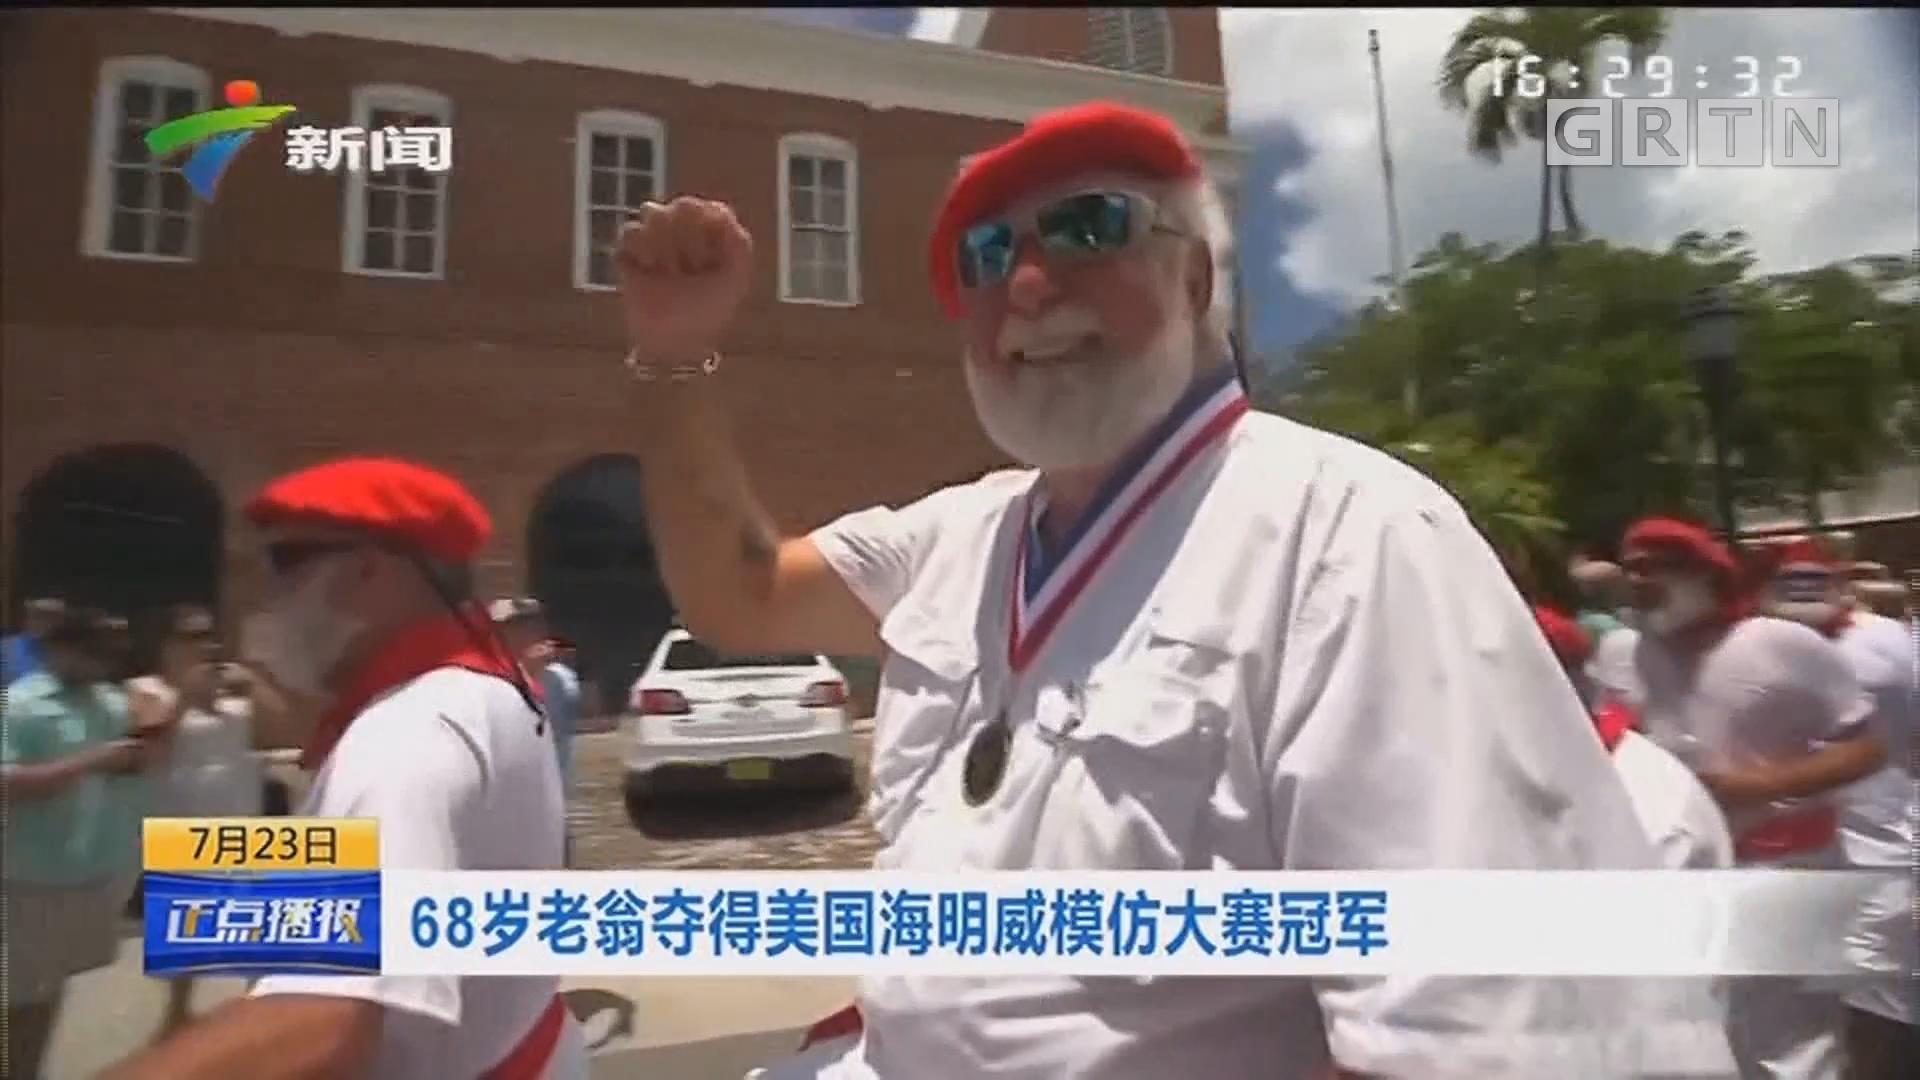 68岁老翁夺得美国海明威模仿大赛冠军